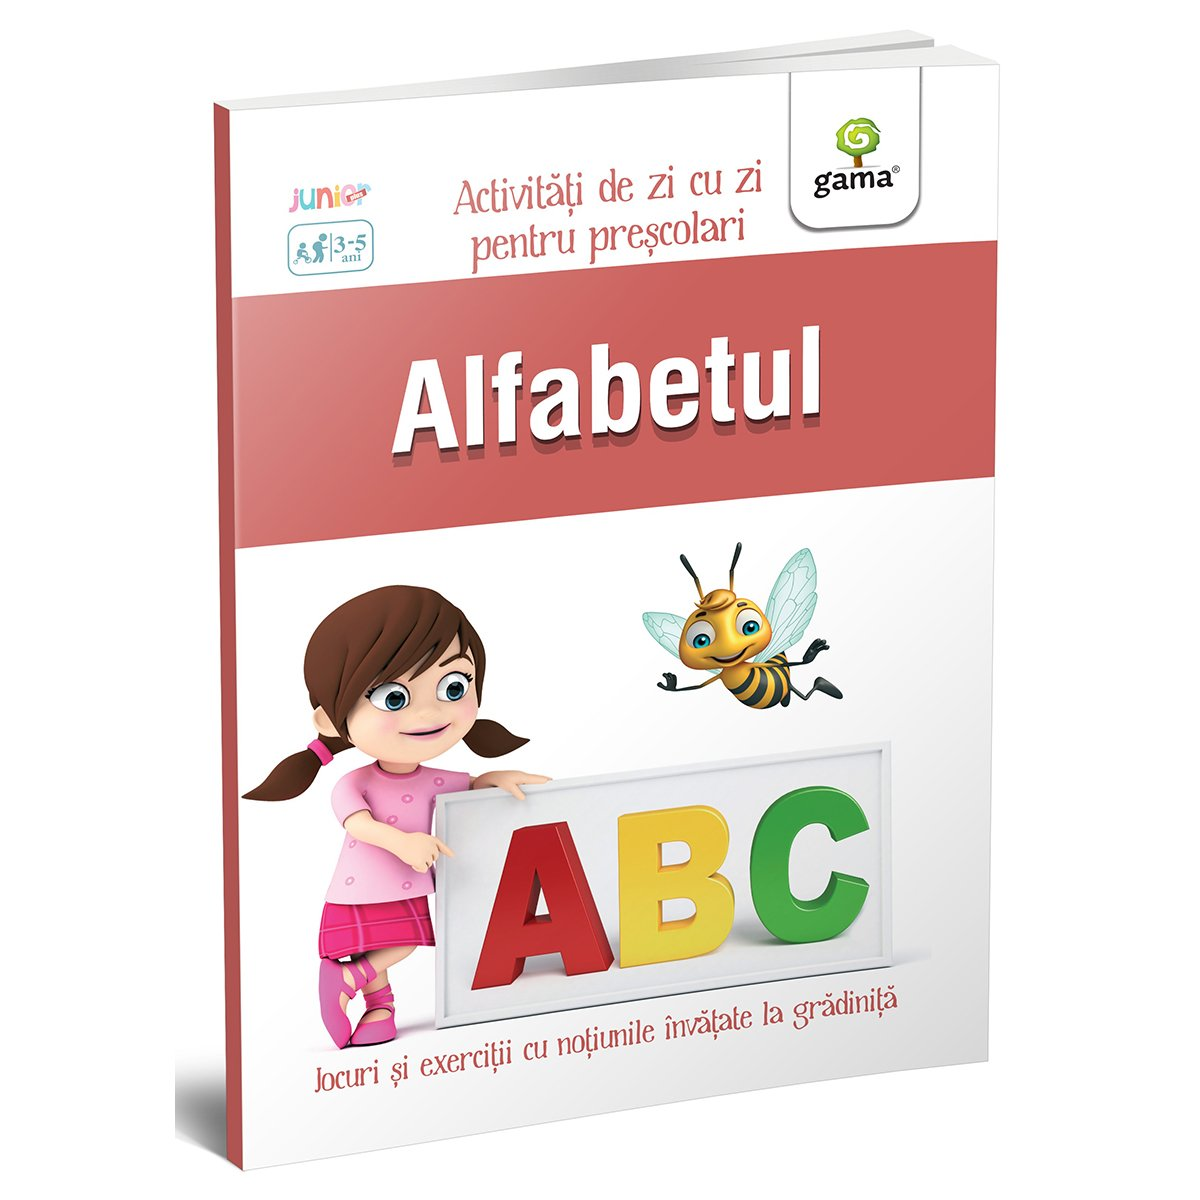 Carte Editura Gama, Alfabetul 3-5 ani, Activitati de zi cu zi imagine